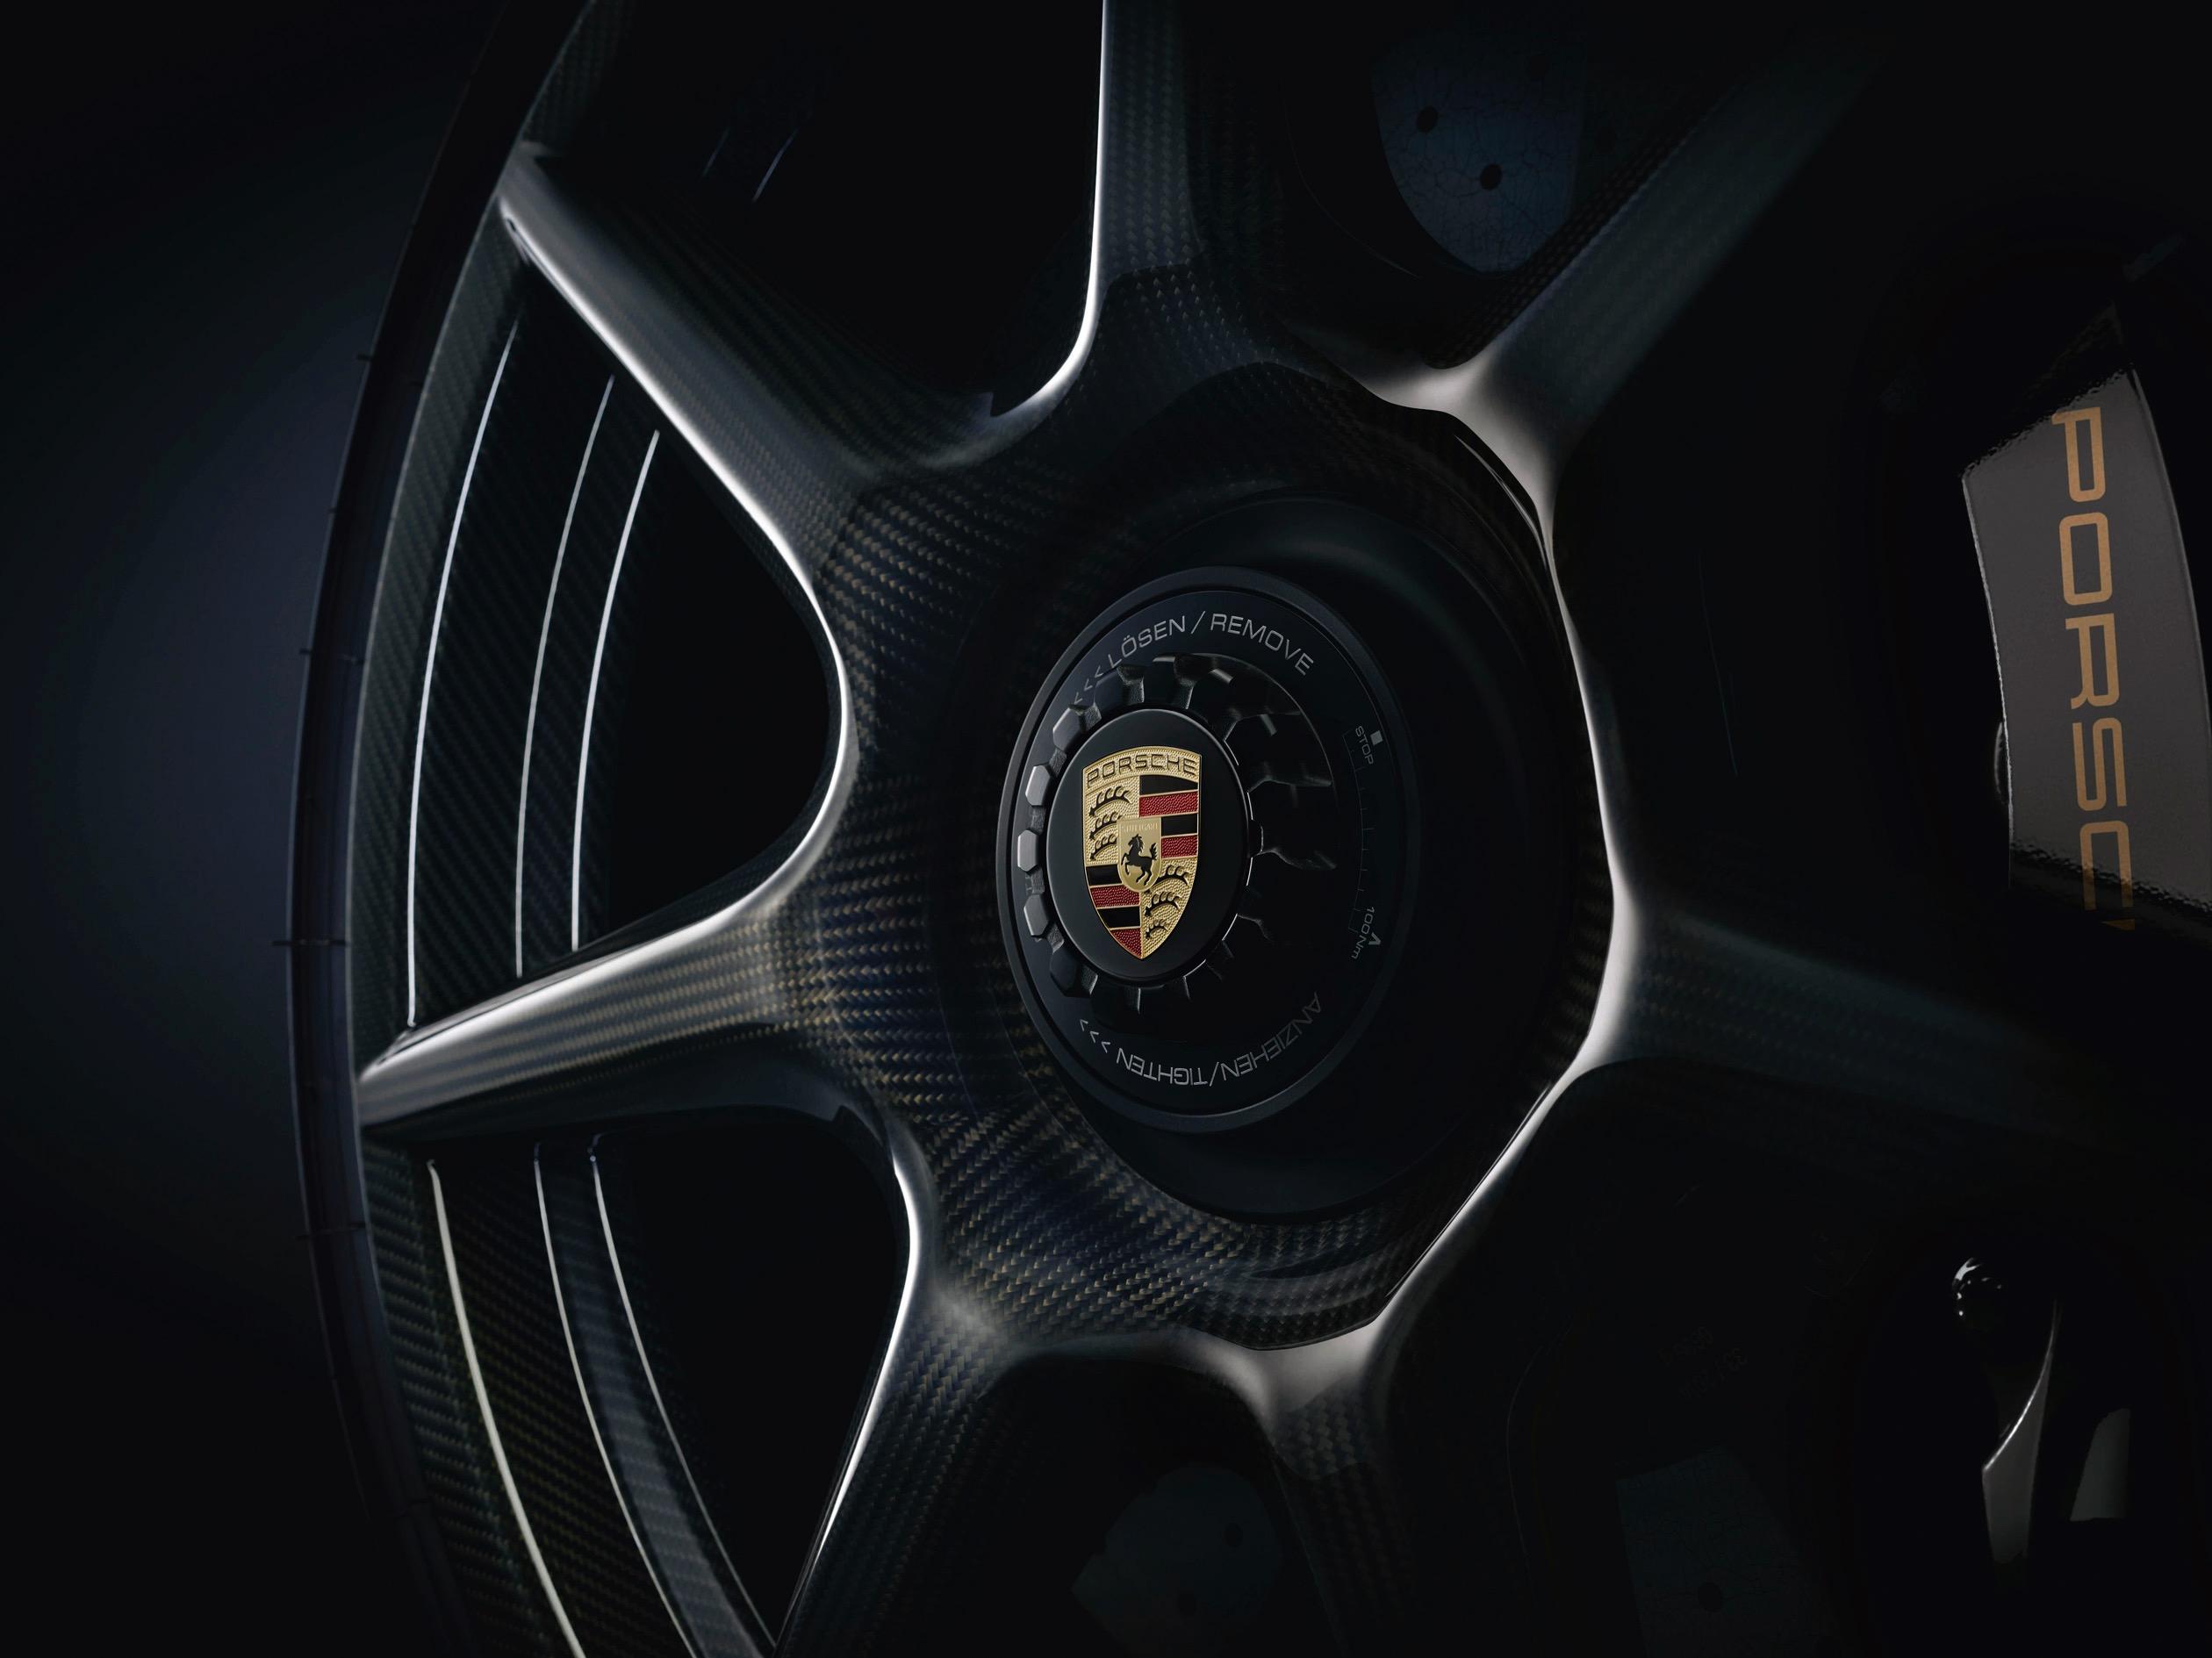 Porsche-carbon-fibre-wheels-1 Outstanding Porsche 911 Gt2 Wheel Au Cars Trend